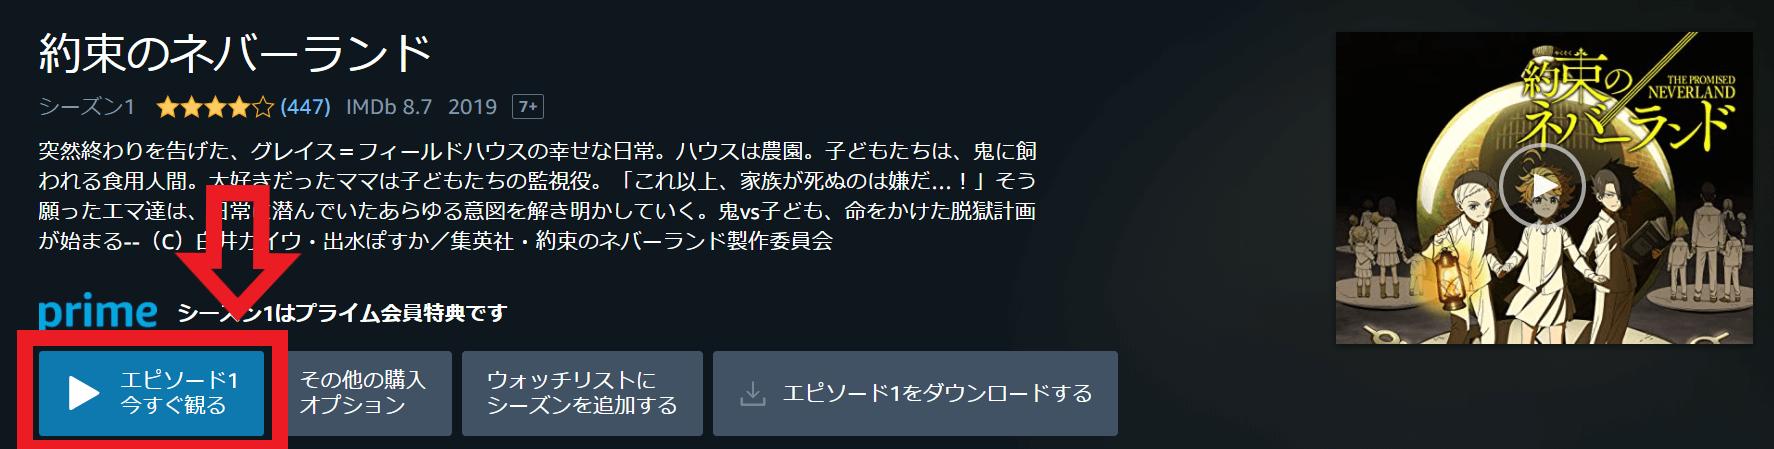 Amazonプライム公式サイト